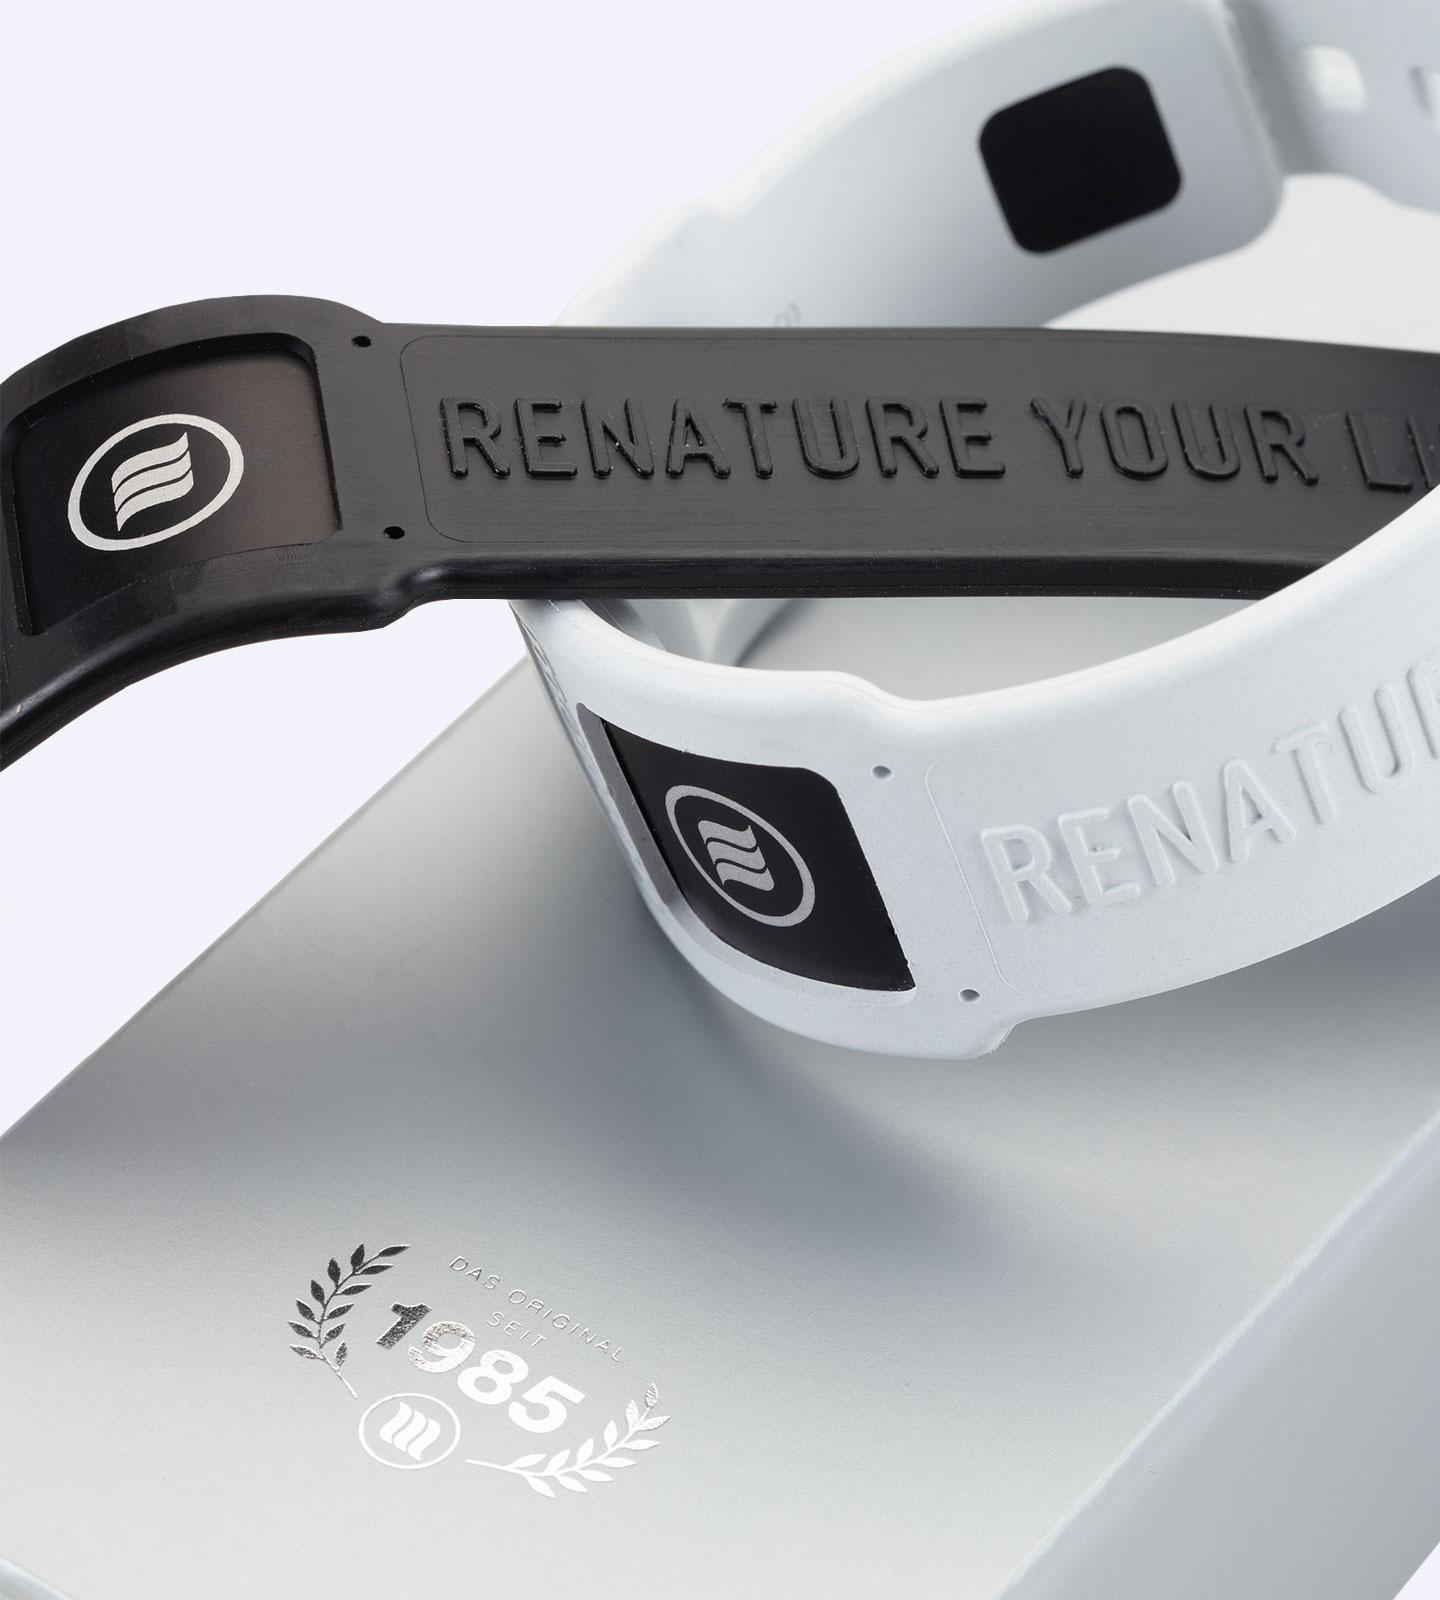 memonizerBODY sport in schwarz und weiß auf der silbernen Transportverpackung mit Logo seit 1985